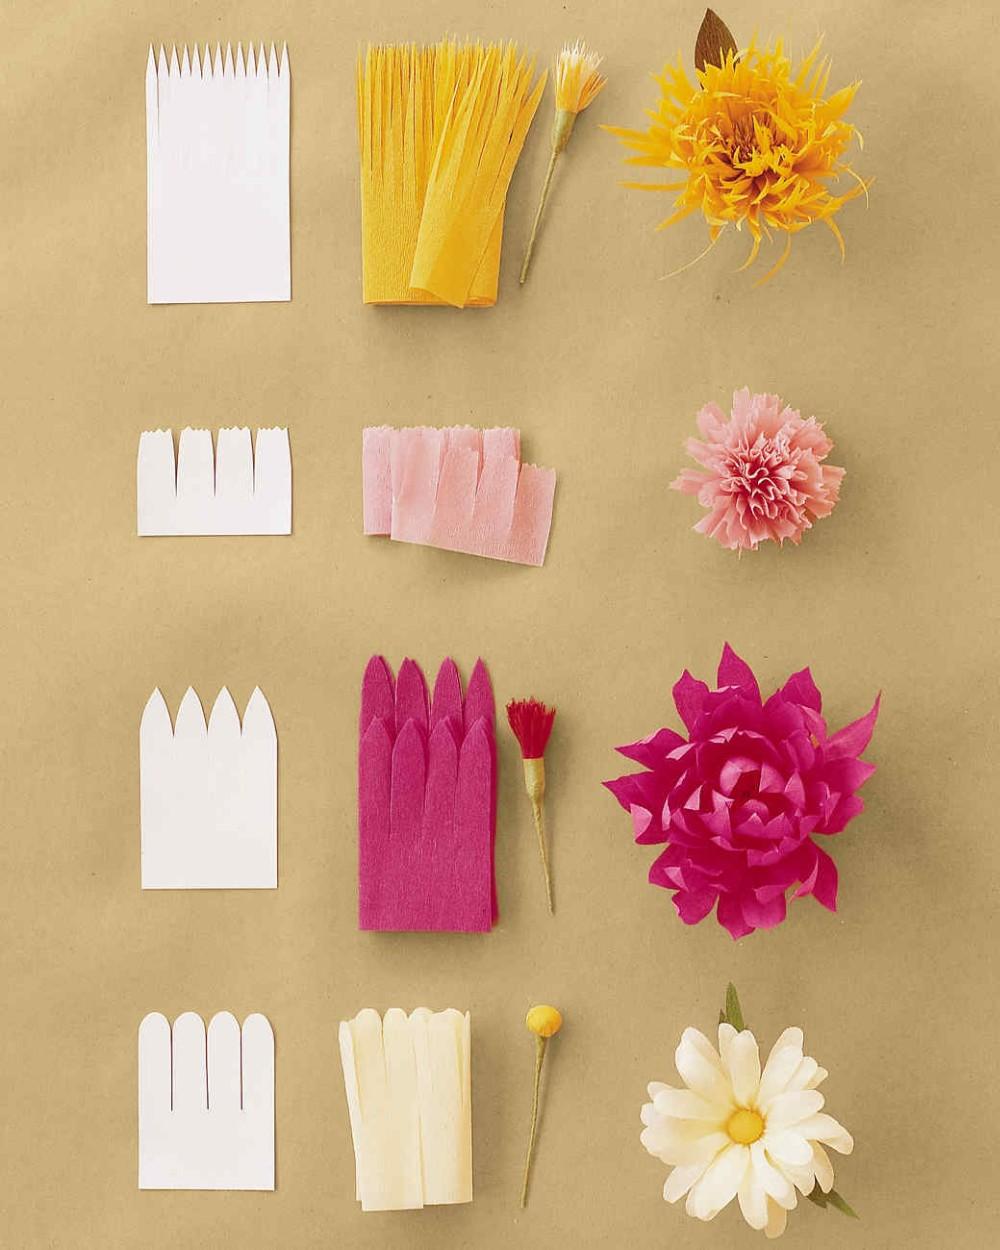 Цветы, открытки из жатой бумаги